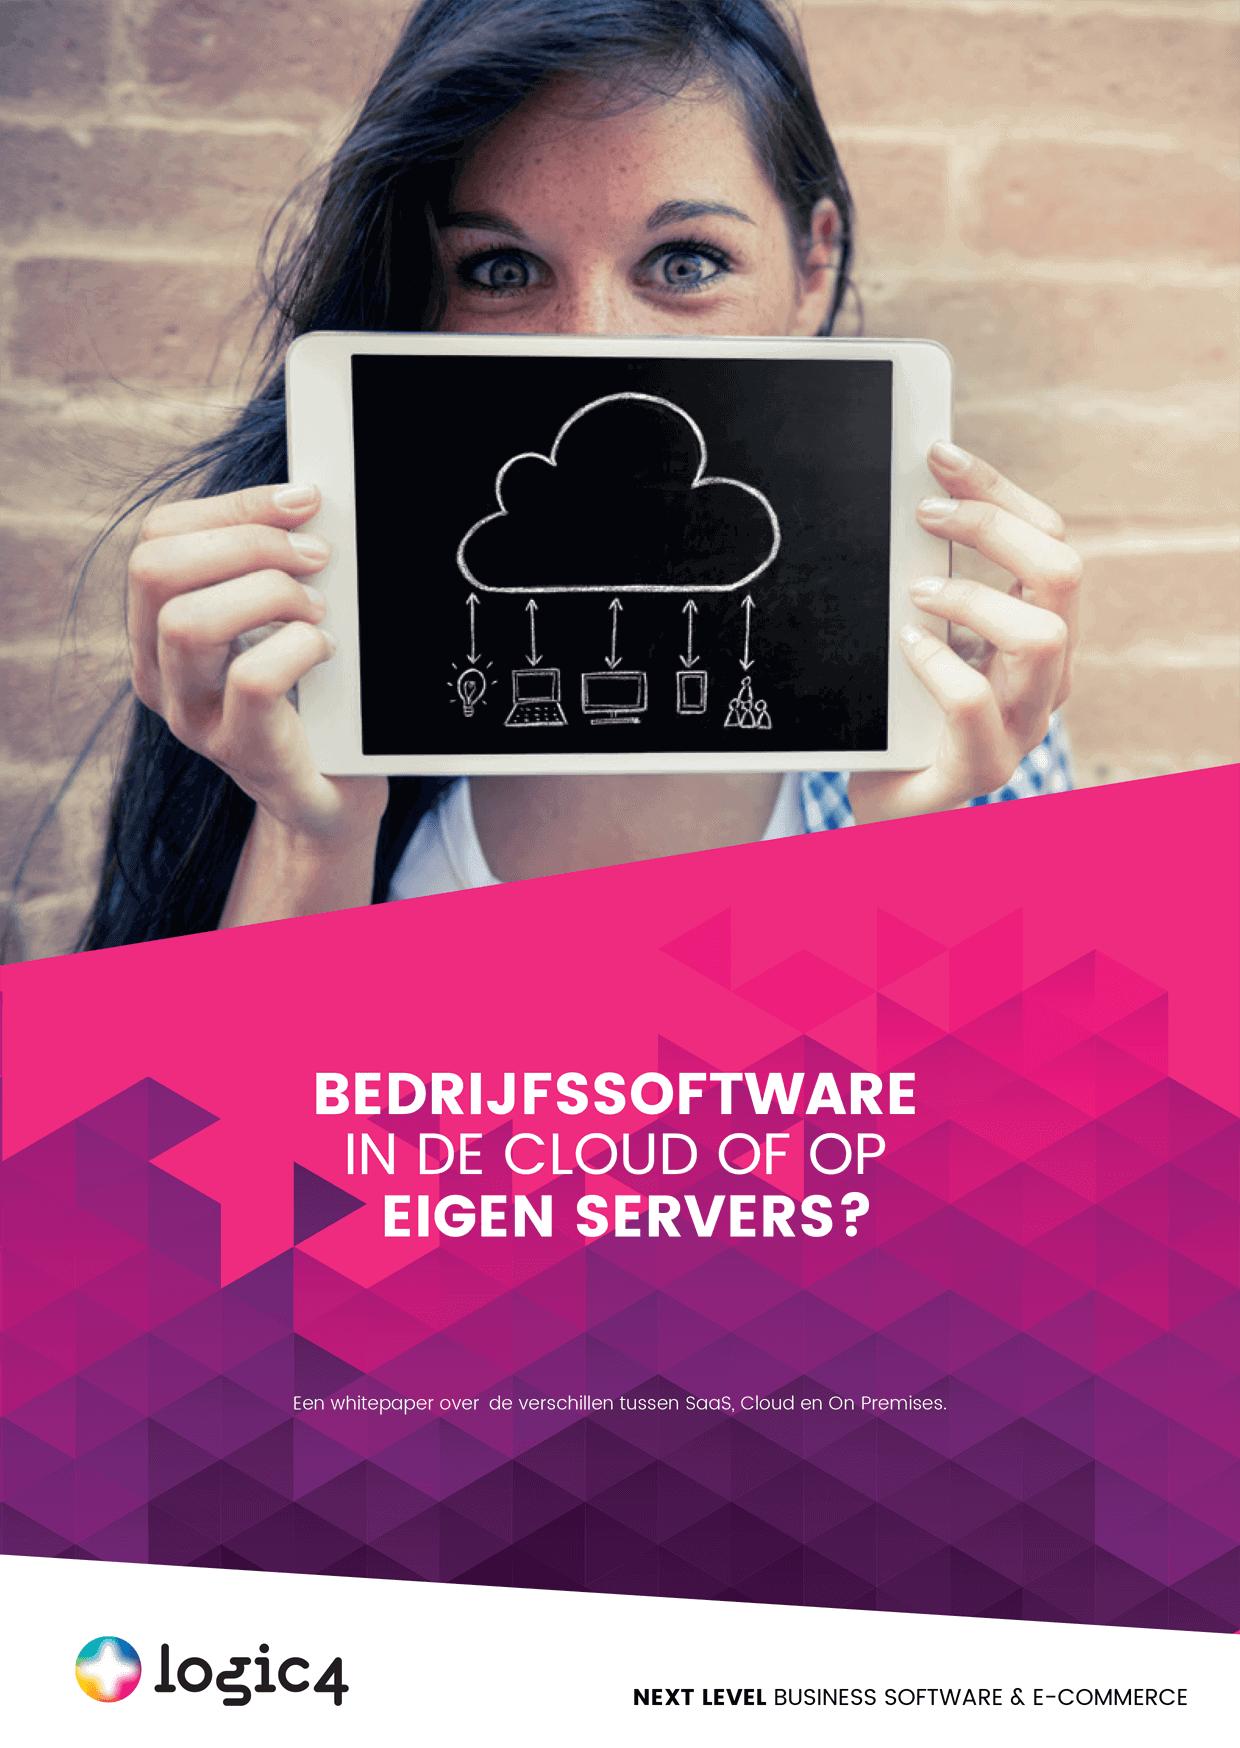 Whitepaper Bedrijfssoftware in de cloud of op eigen servers